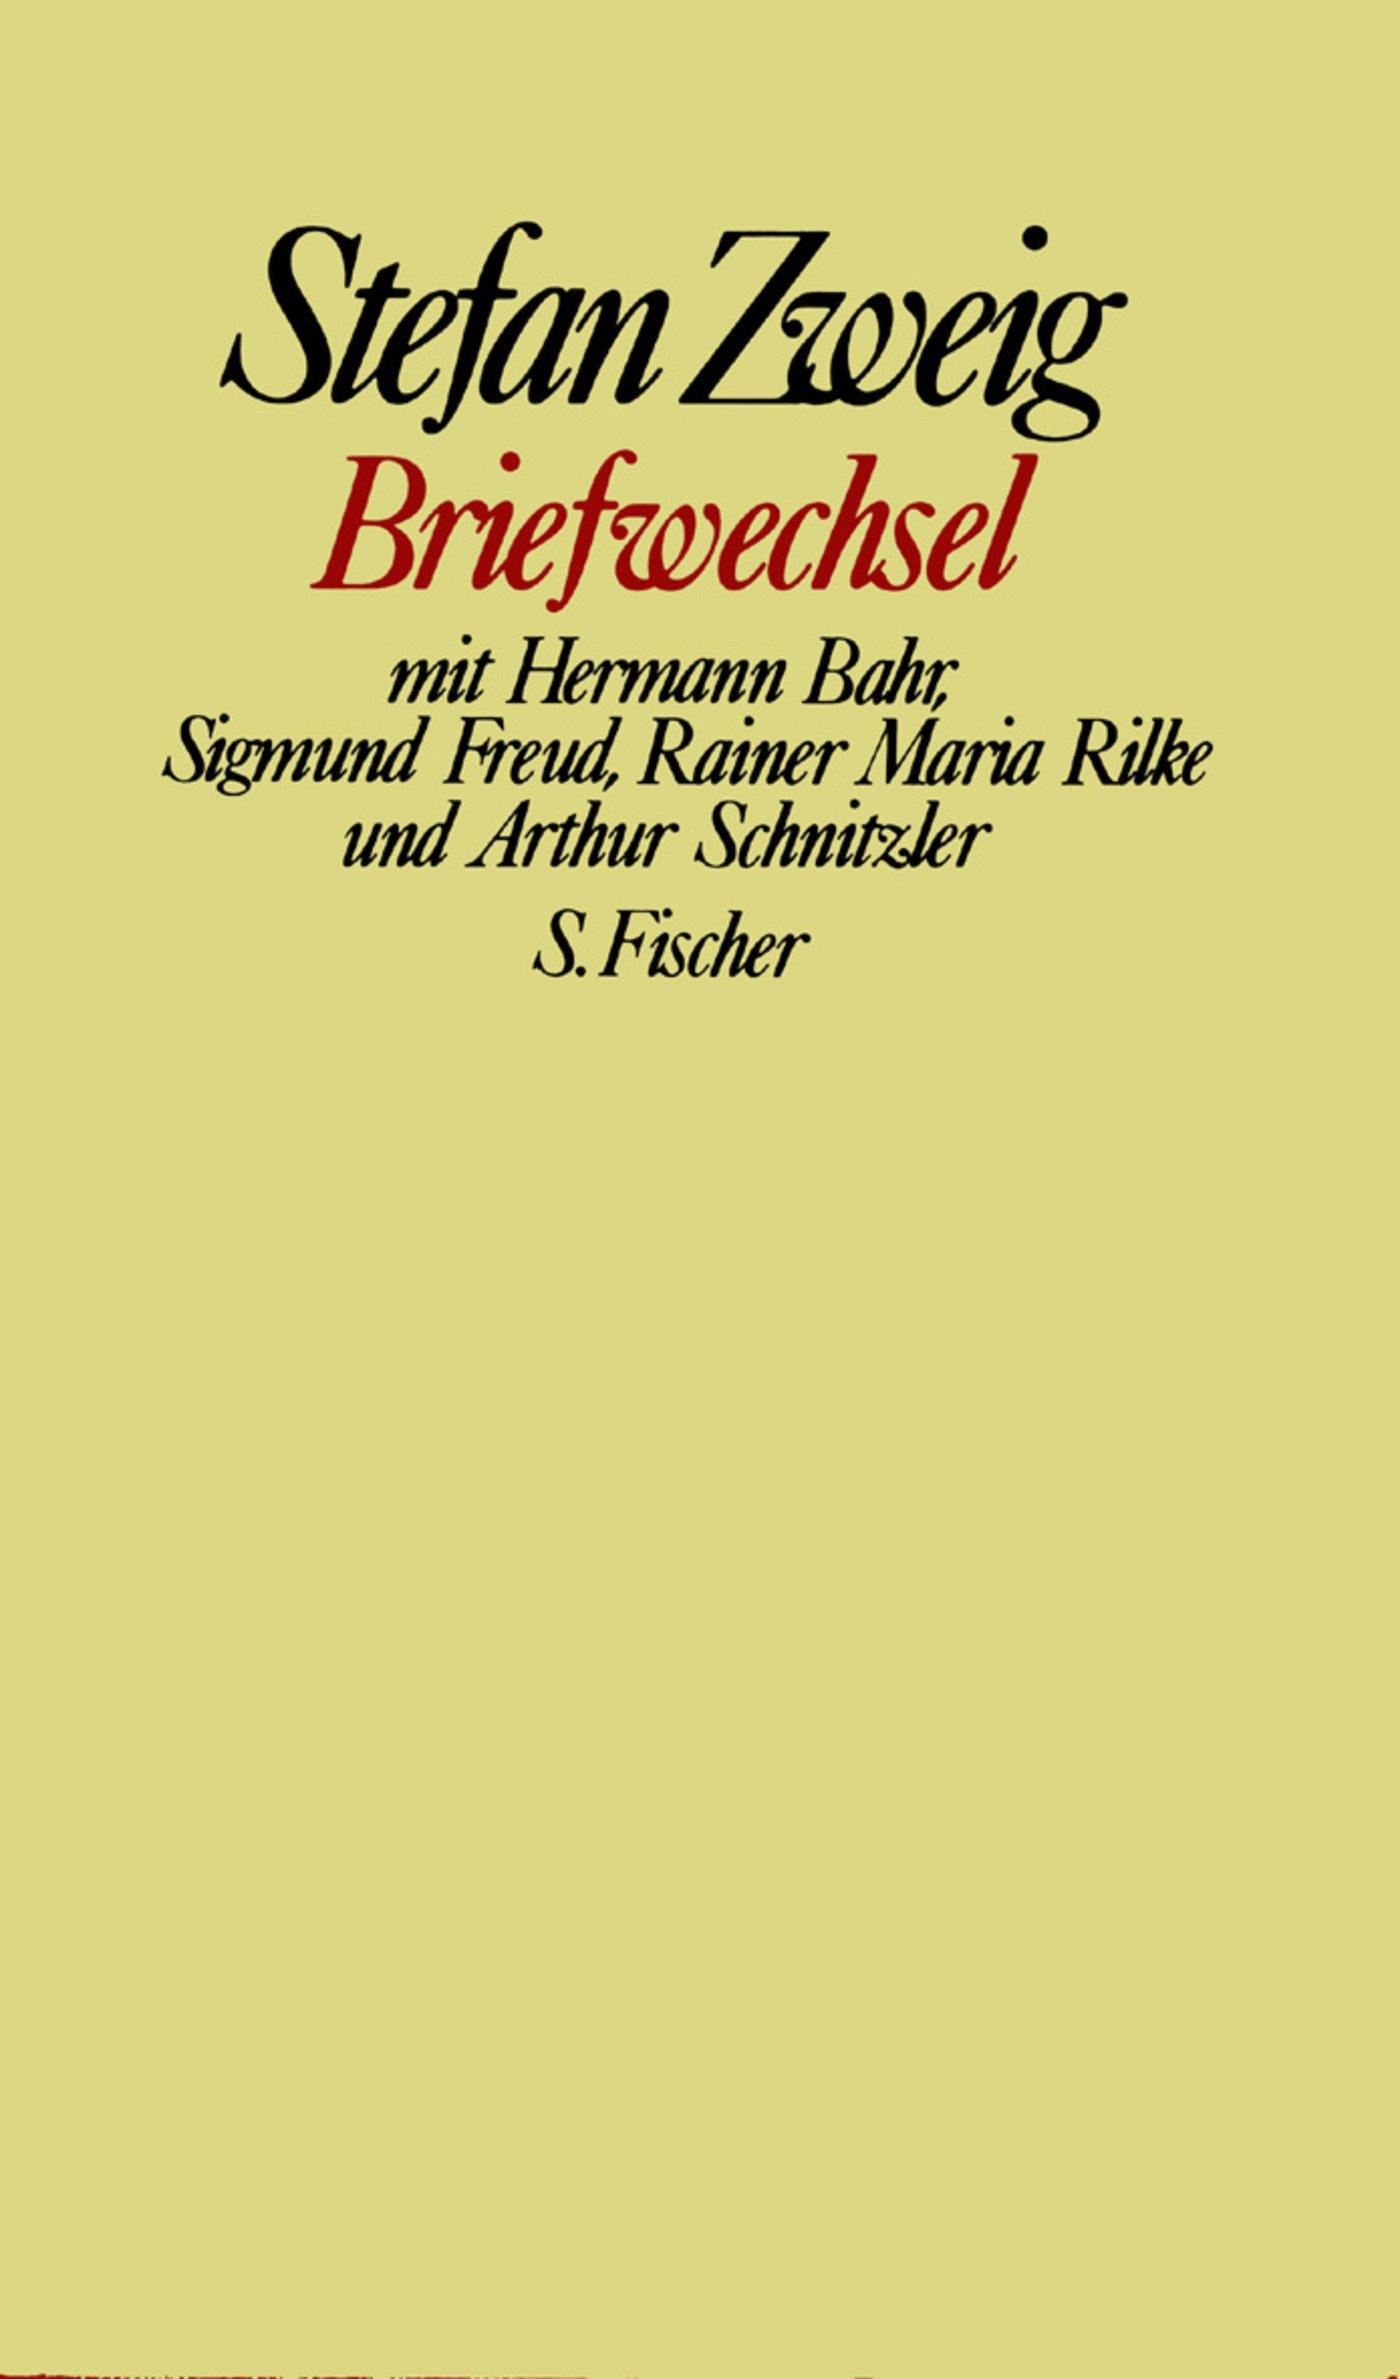 Briefwechsel mit Hermann Bahr, Sigmund Freud, Rainer Maria Rilke und Arthur Schnitzler